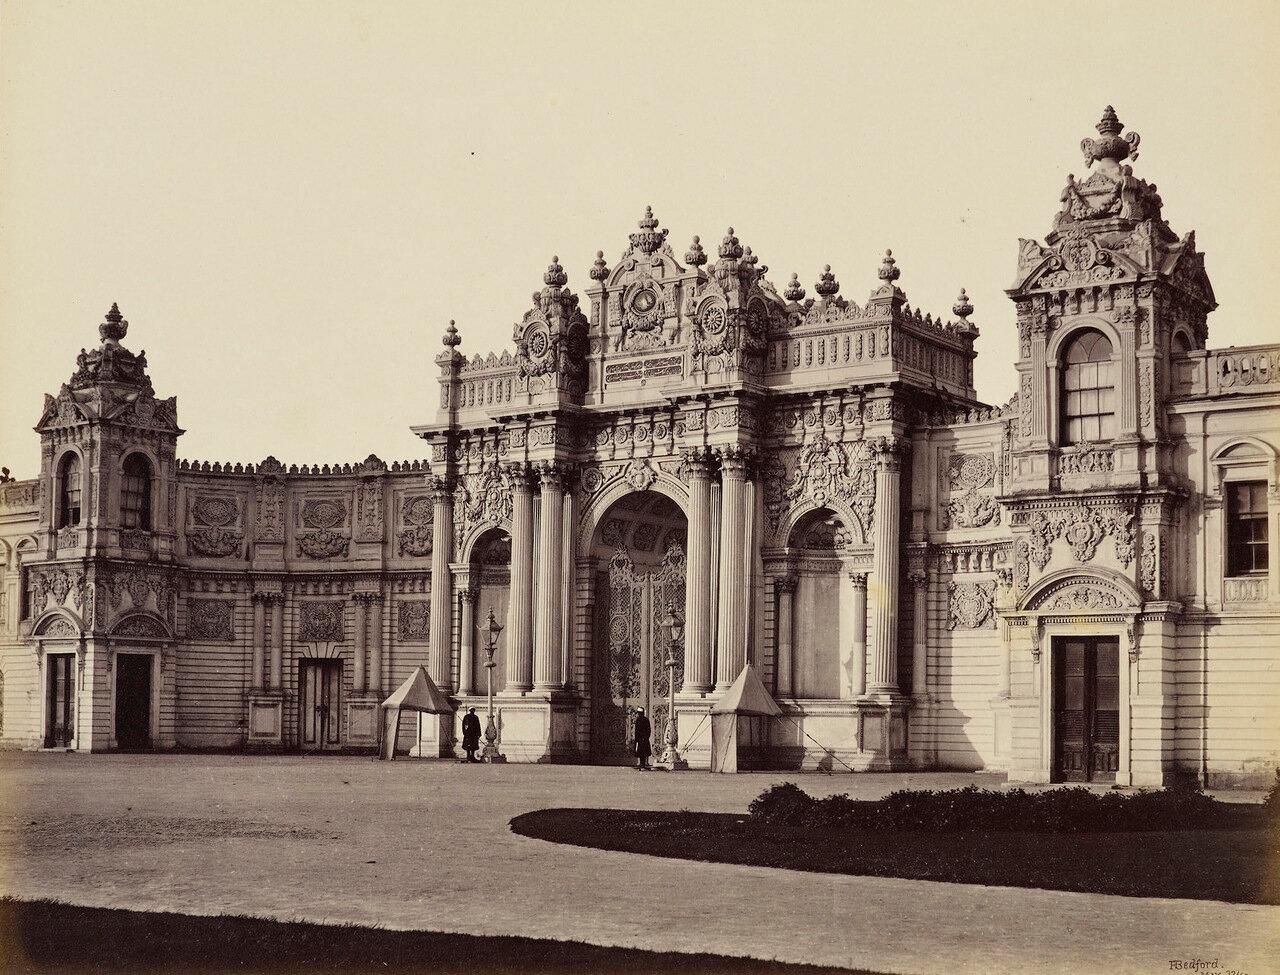 23 мая 1862. Дворец Долмабахче, Южный вход.  Константинополь